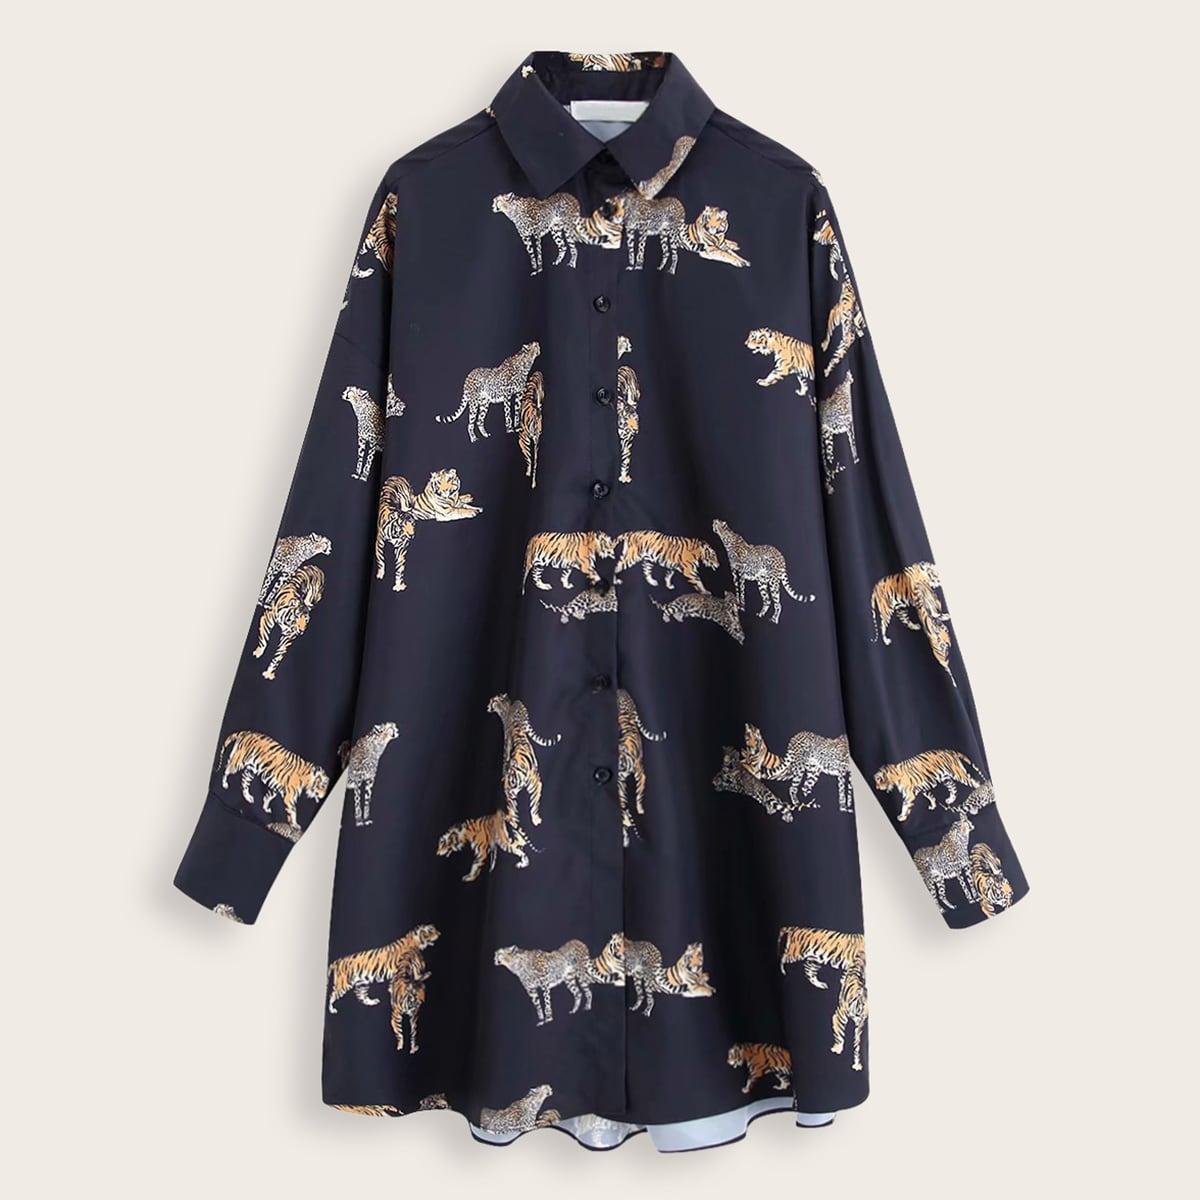 Платье-рубашка с пуговицами, леопардовым и тигровым принтом Image